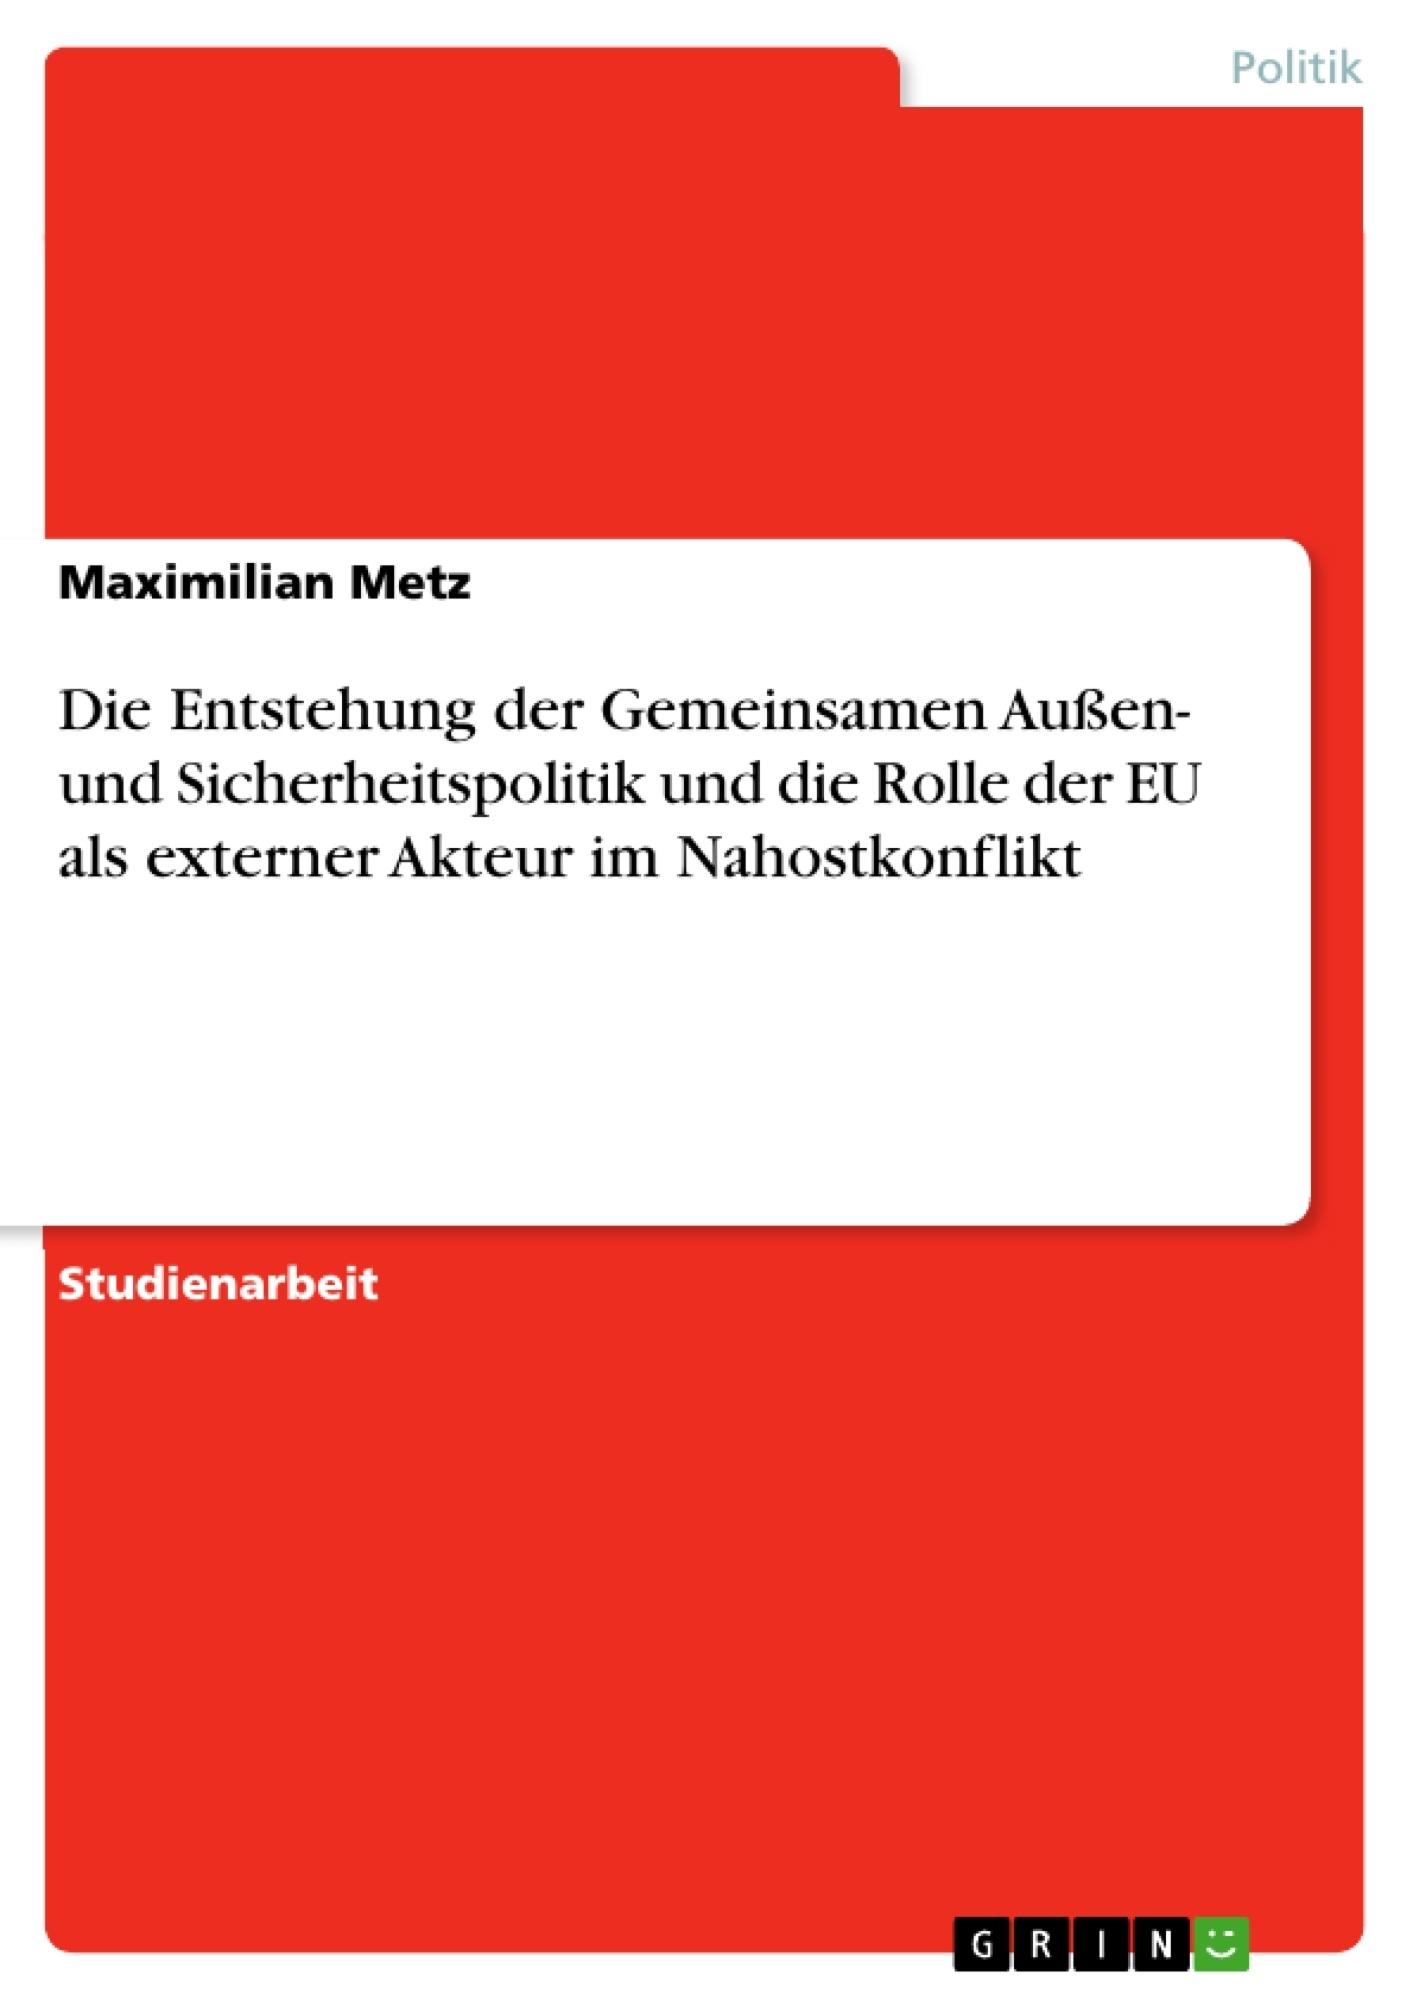 Titel: Die Entstehung der Gemeinsamen Außen- und Sicherheitspolitik und die Rolle der EU als externer Akteur im Nahostkonflikt